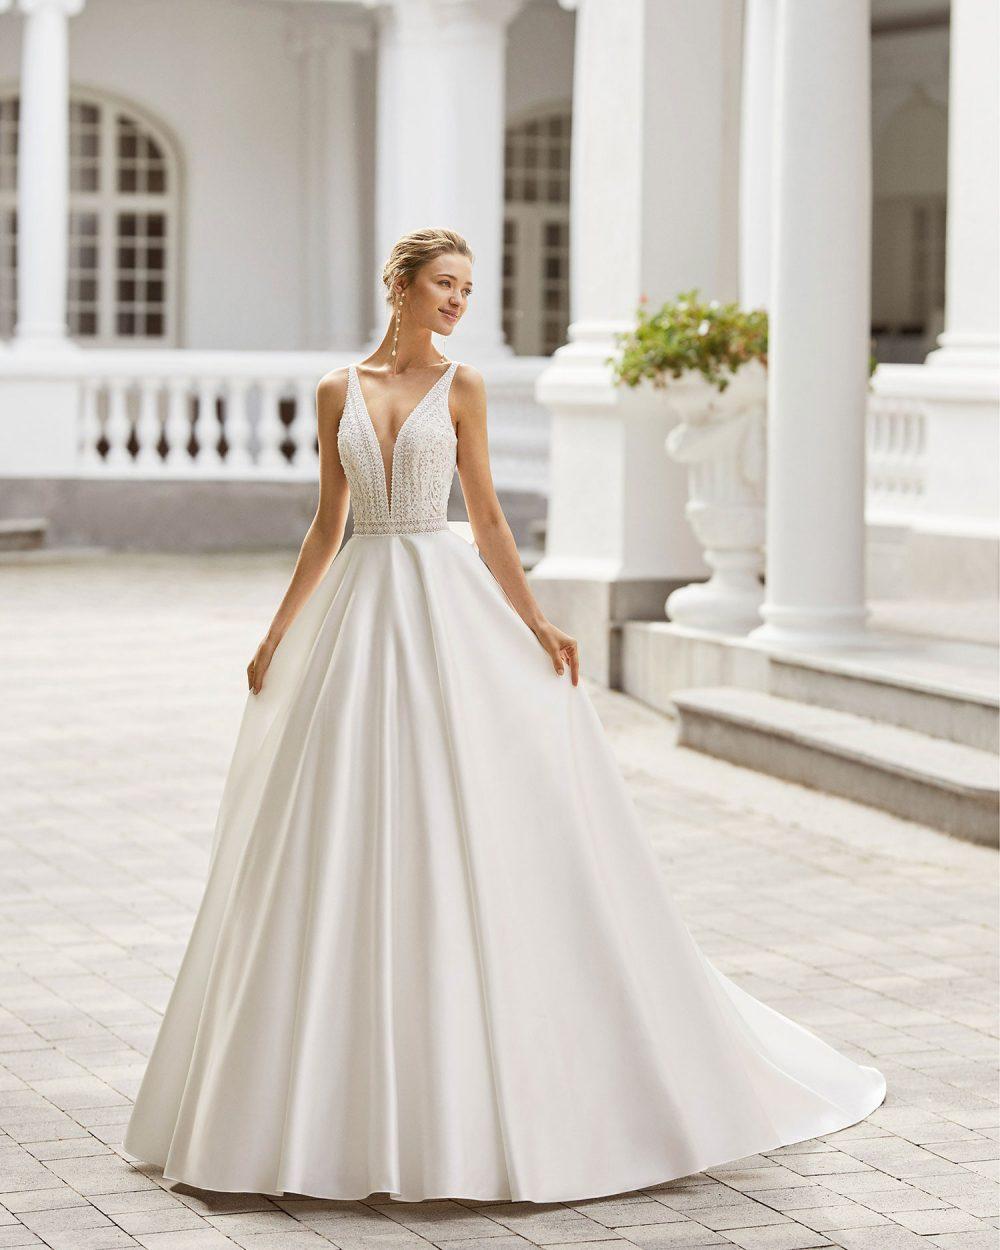 Rosa Clarà 2022 abito vestito sposa Vicenza SUMMER